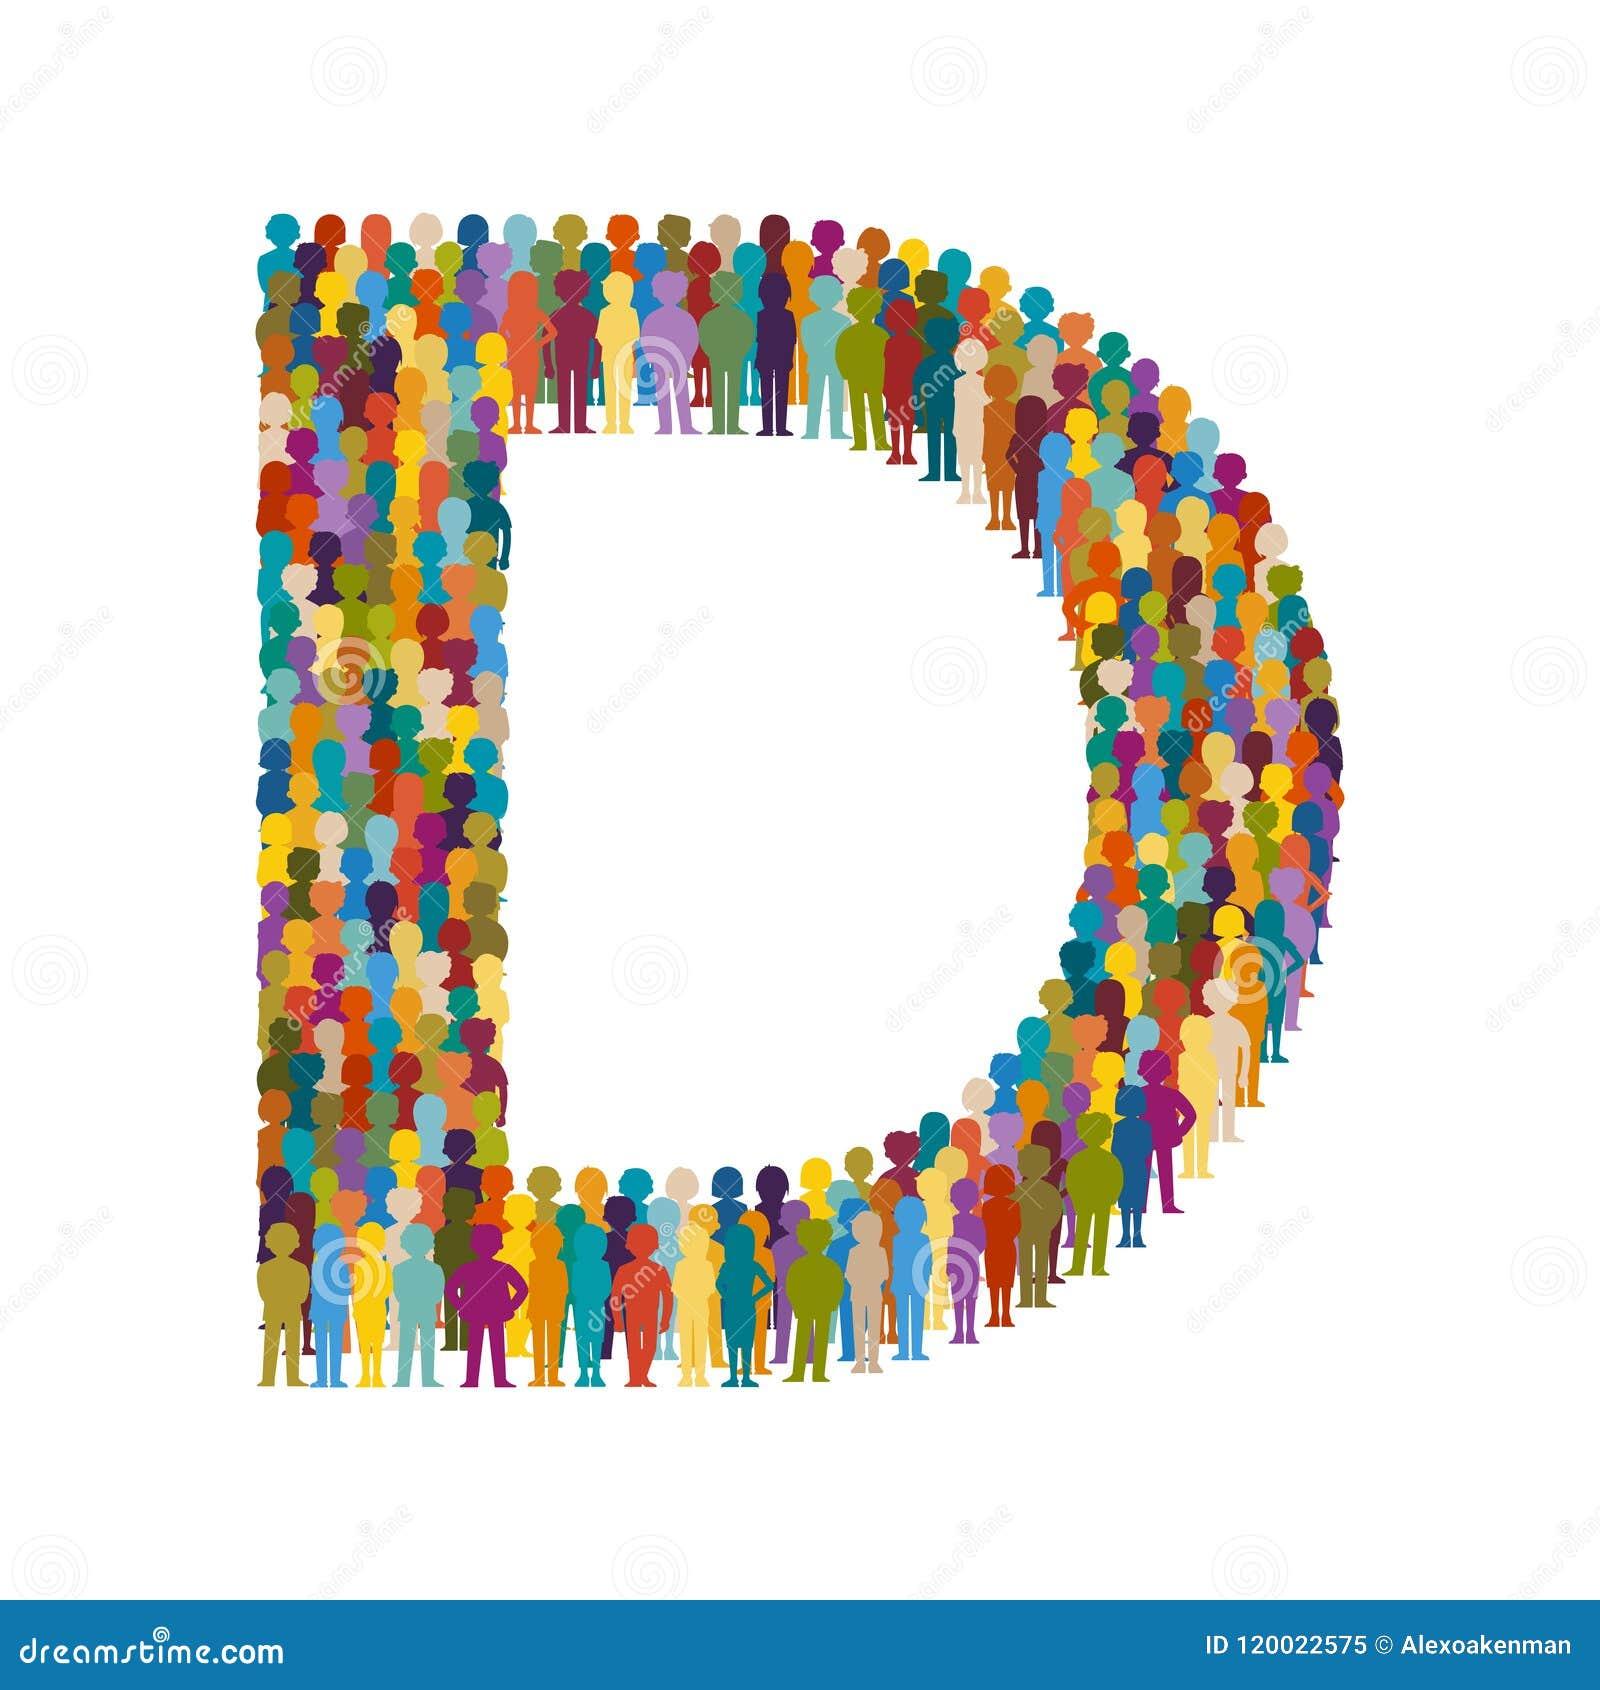 Διανυσματικό πλήθος των ανθρώπων με μορφή επίπεδου ύφους Δ κεφαλαίων γραμμάτων